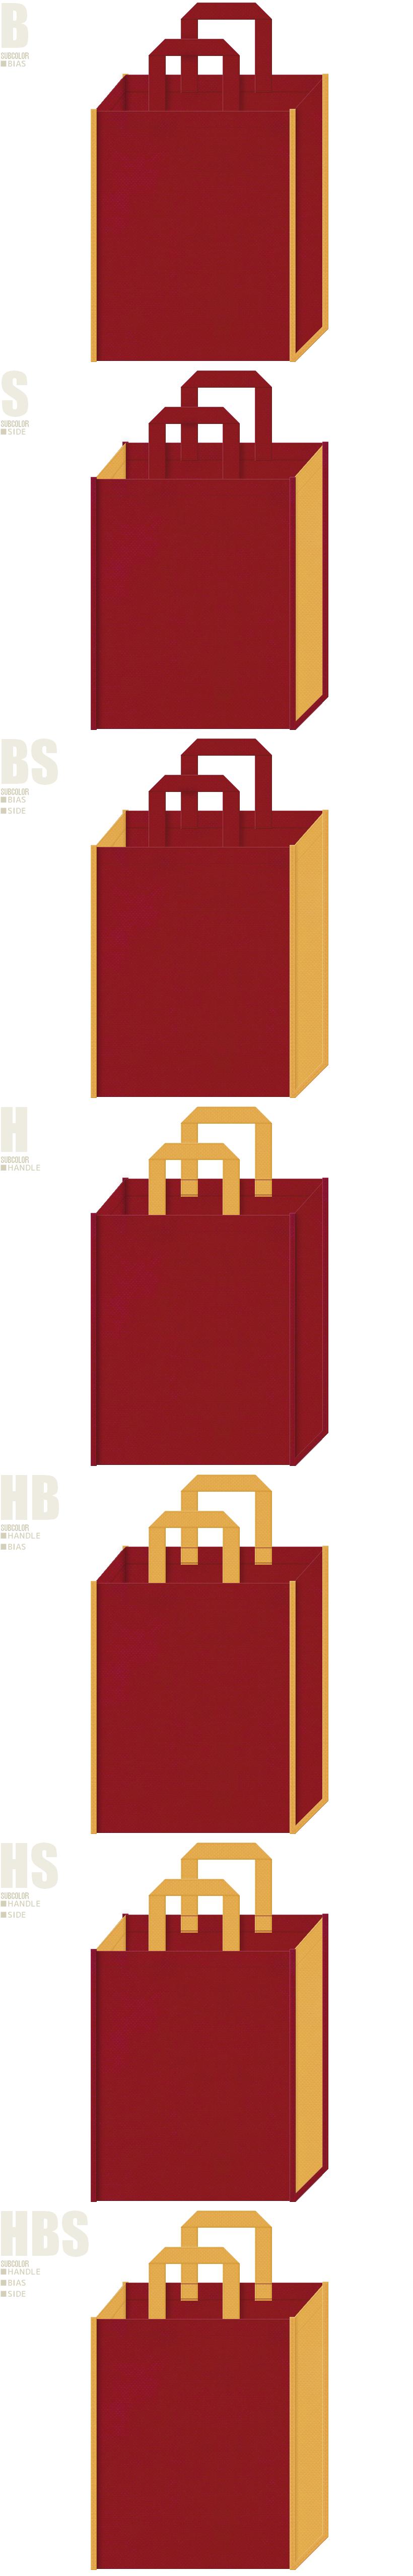 エンジ色と黄土色、7パターンの不織布トートバッグ配色デザイン例。寄席・演芸場のバッグノベルティにお奨めです。